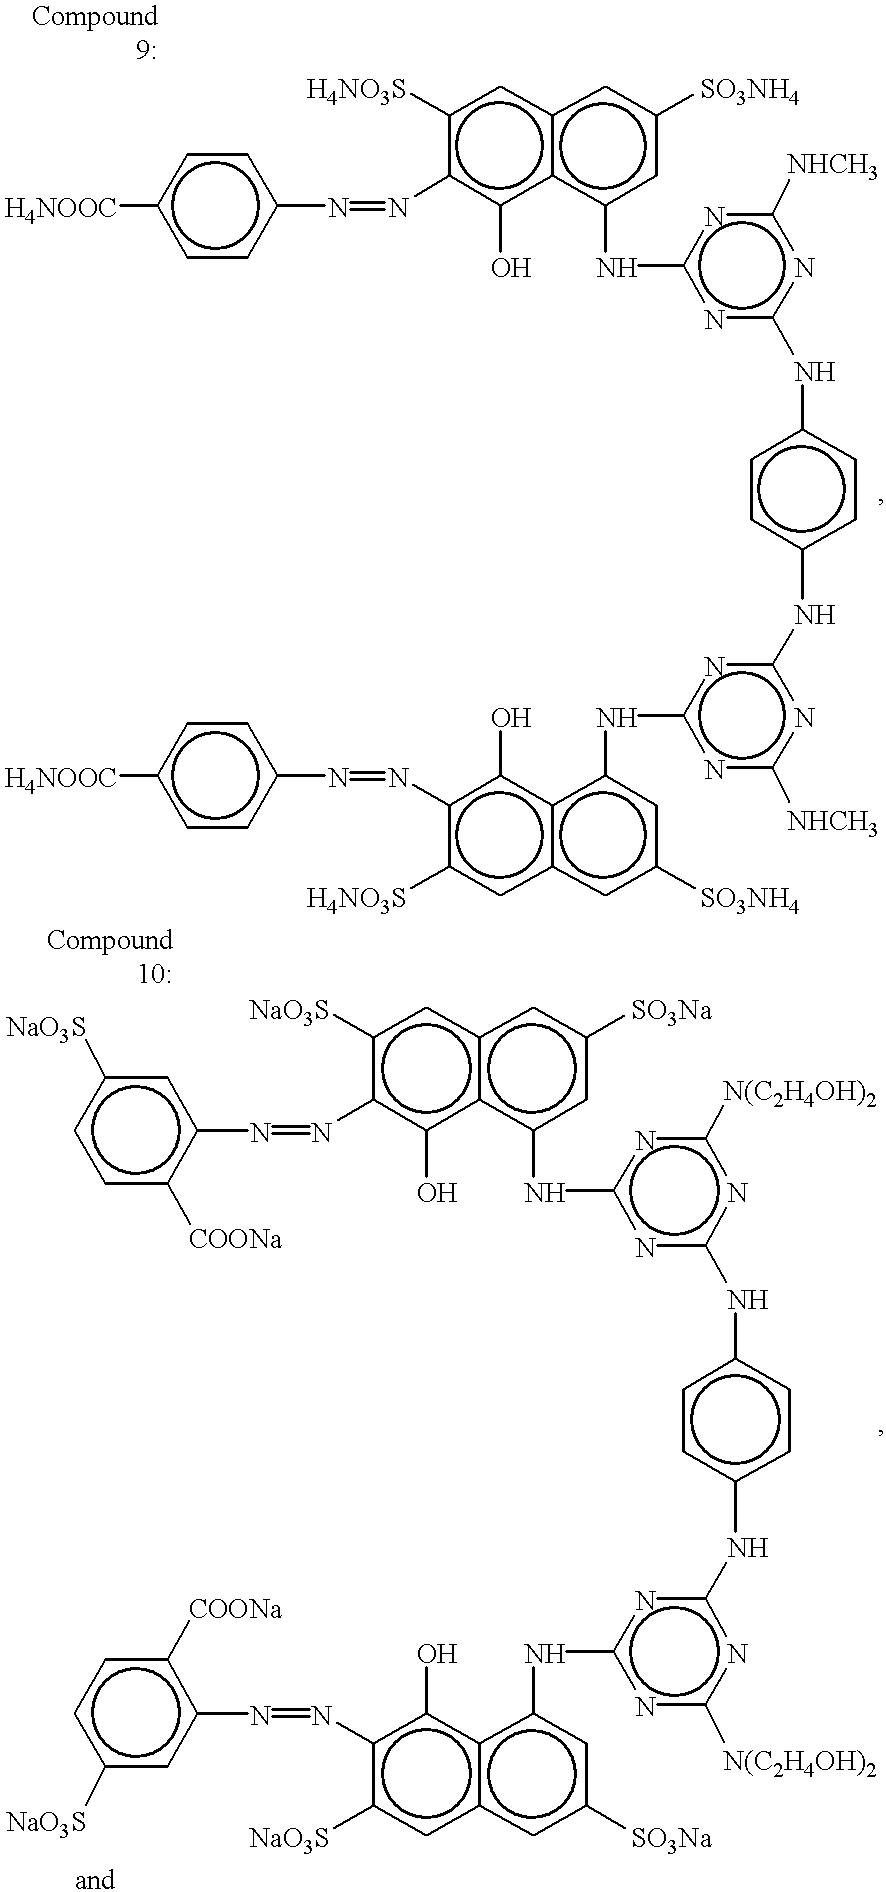 Figure US06281917-20010828-C00011